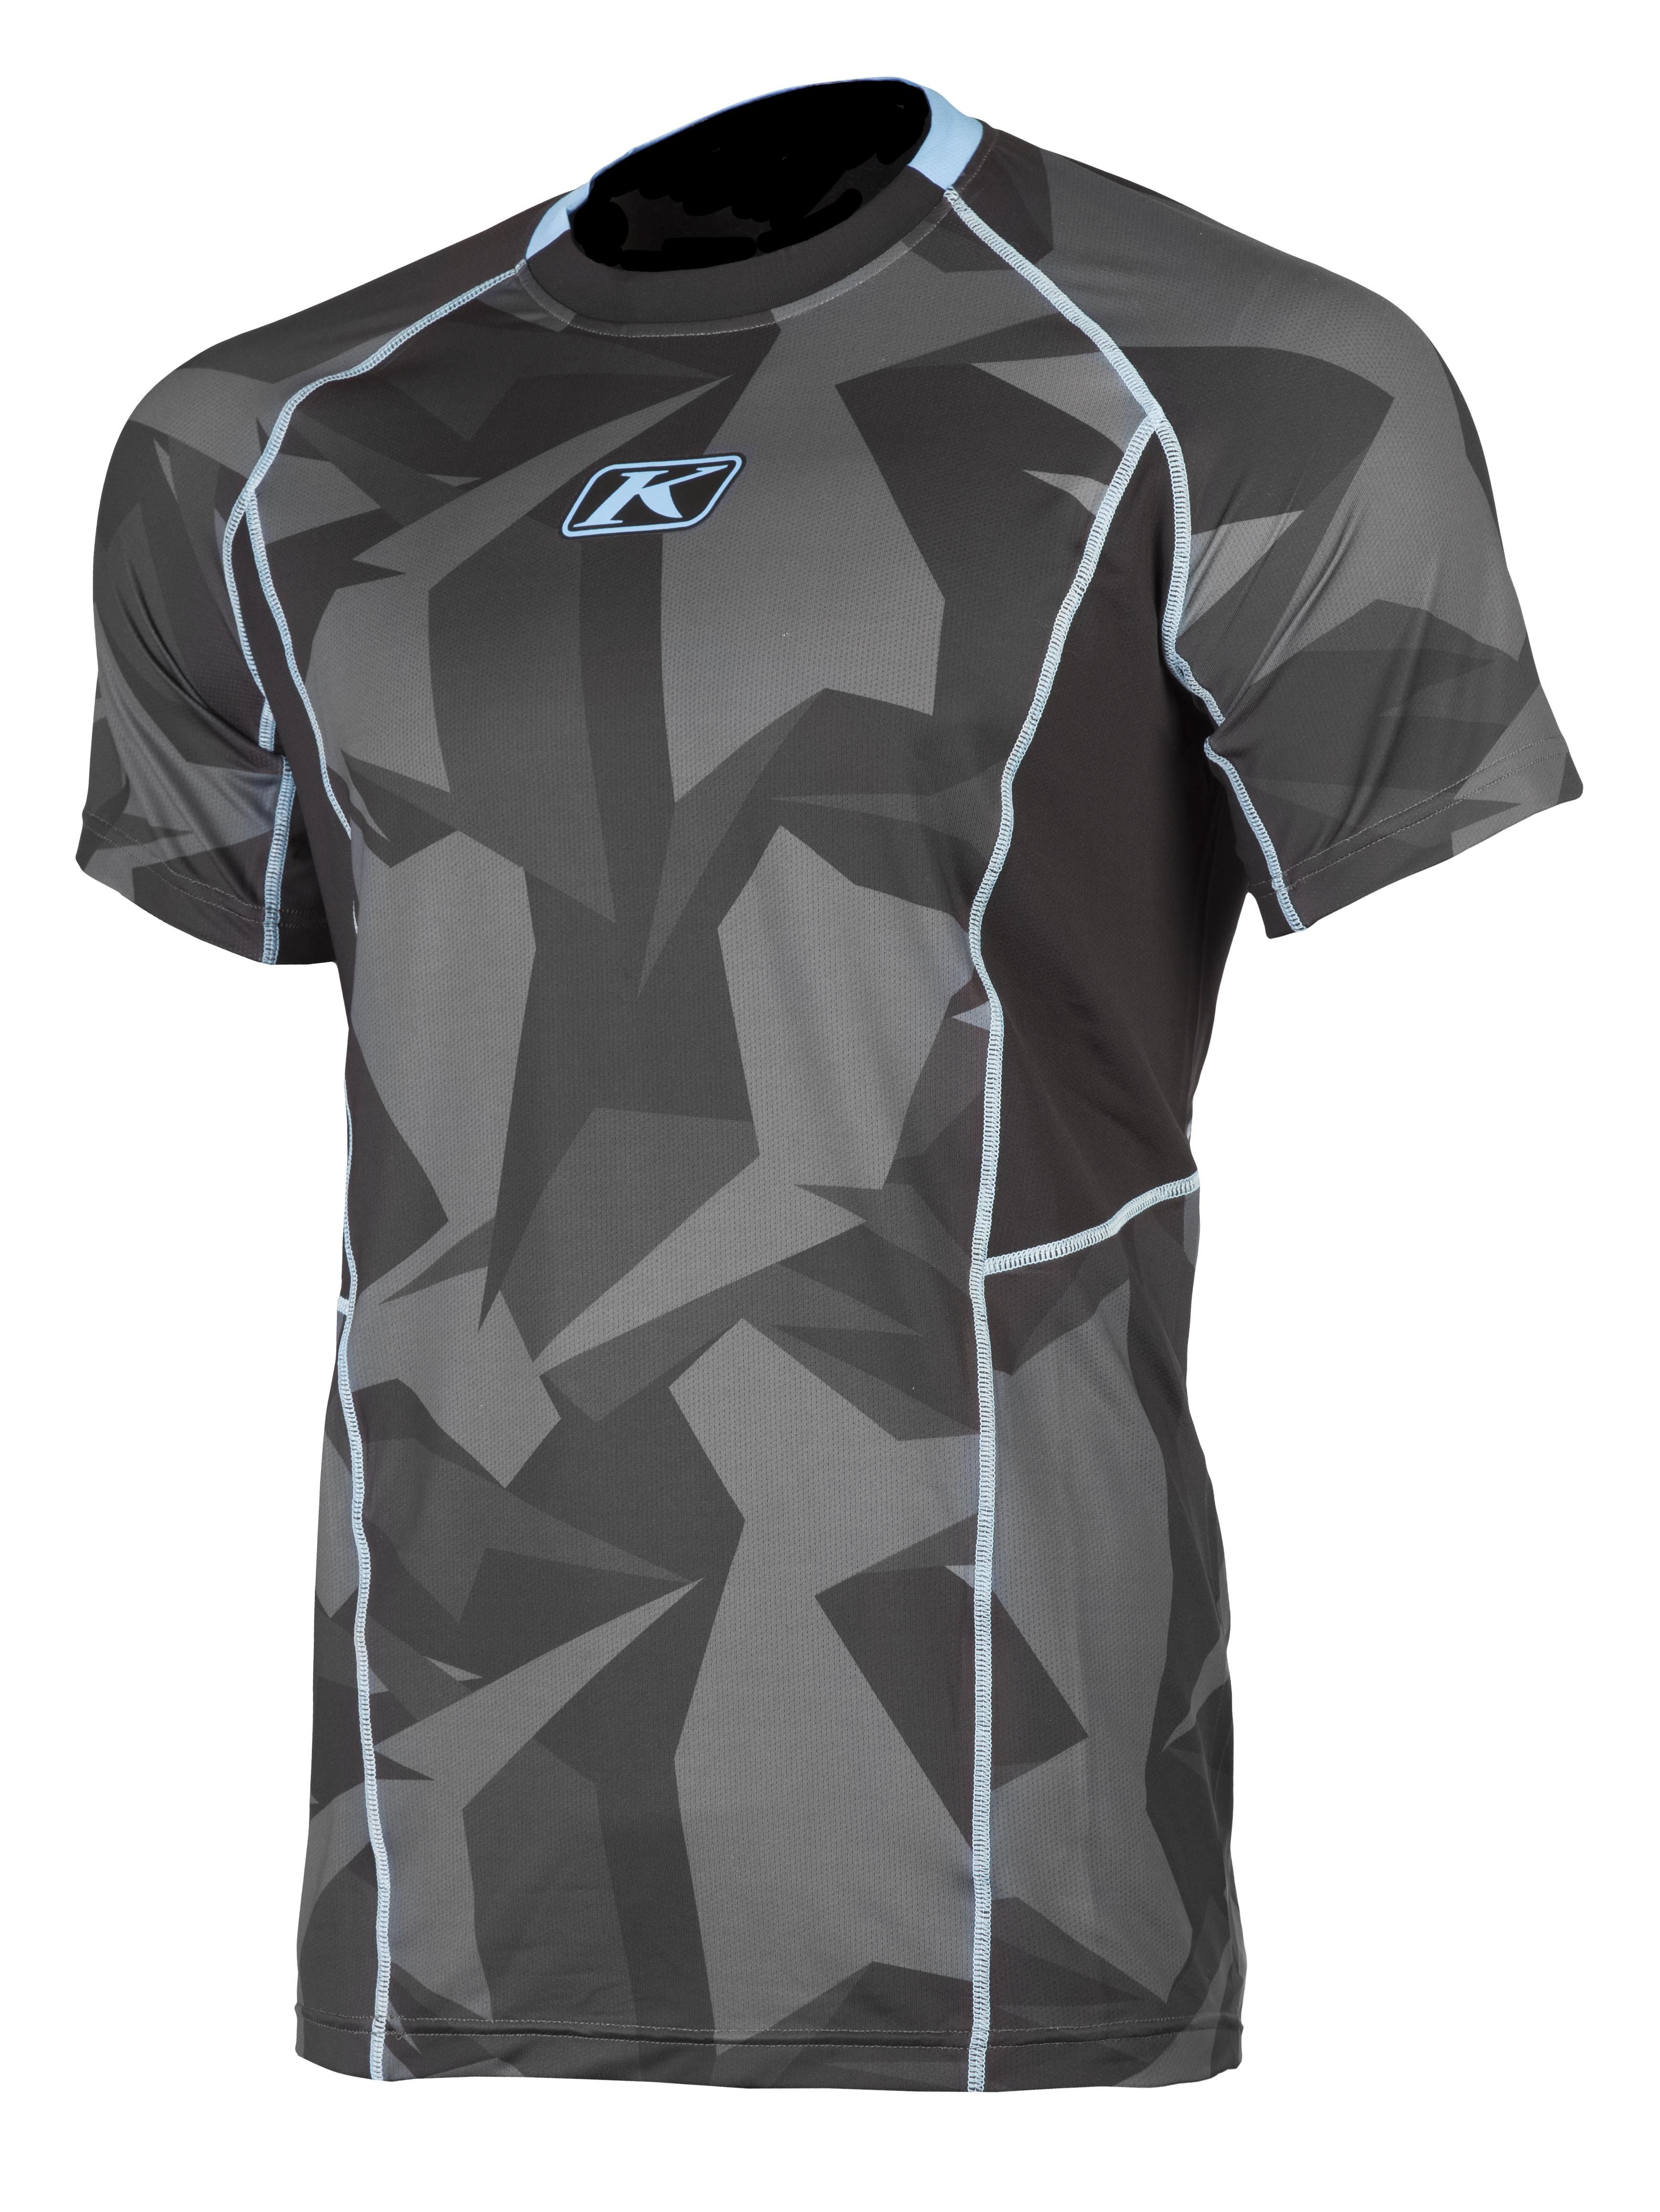 aggressor-shirt-ss-1-0-3502-000_camo_01-2